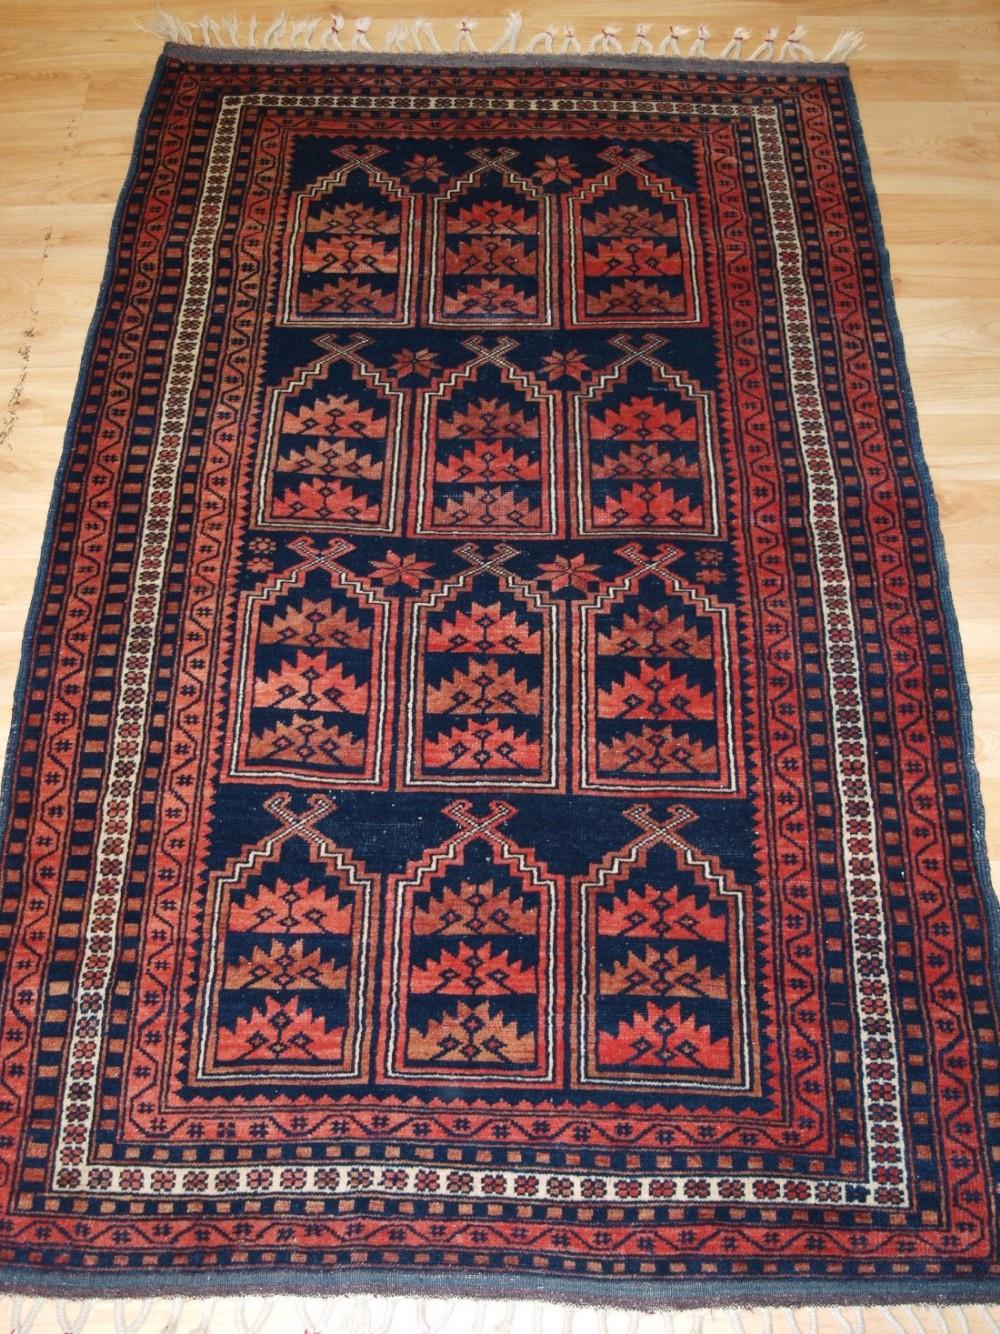 old turkish anatolian yagcebedir rug unusual prayer niche design circa 1920